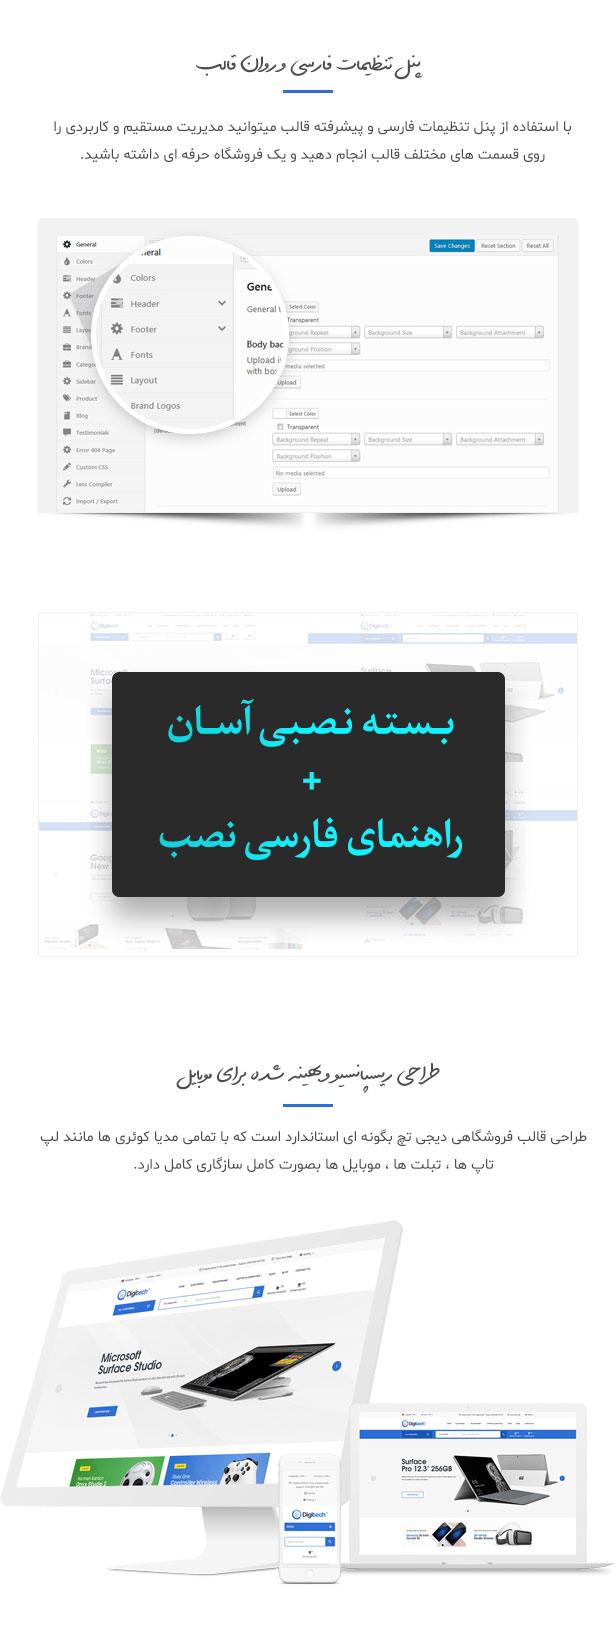 قالب Digitech قالب فروشگاهی دیجی تچ